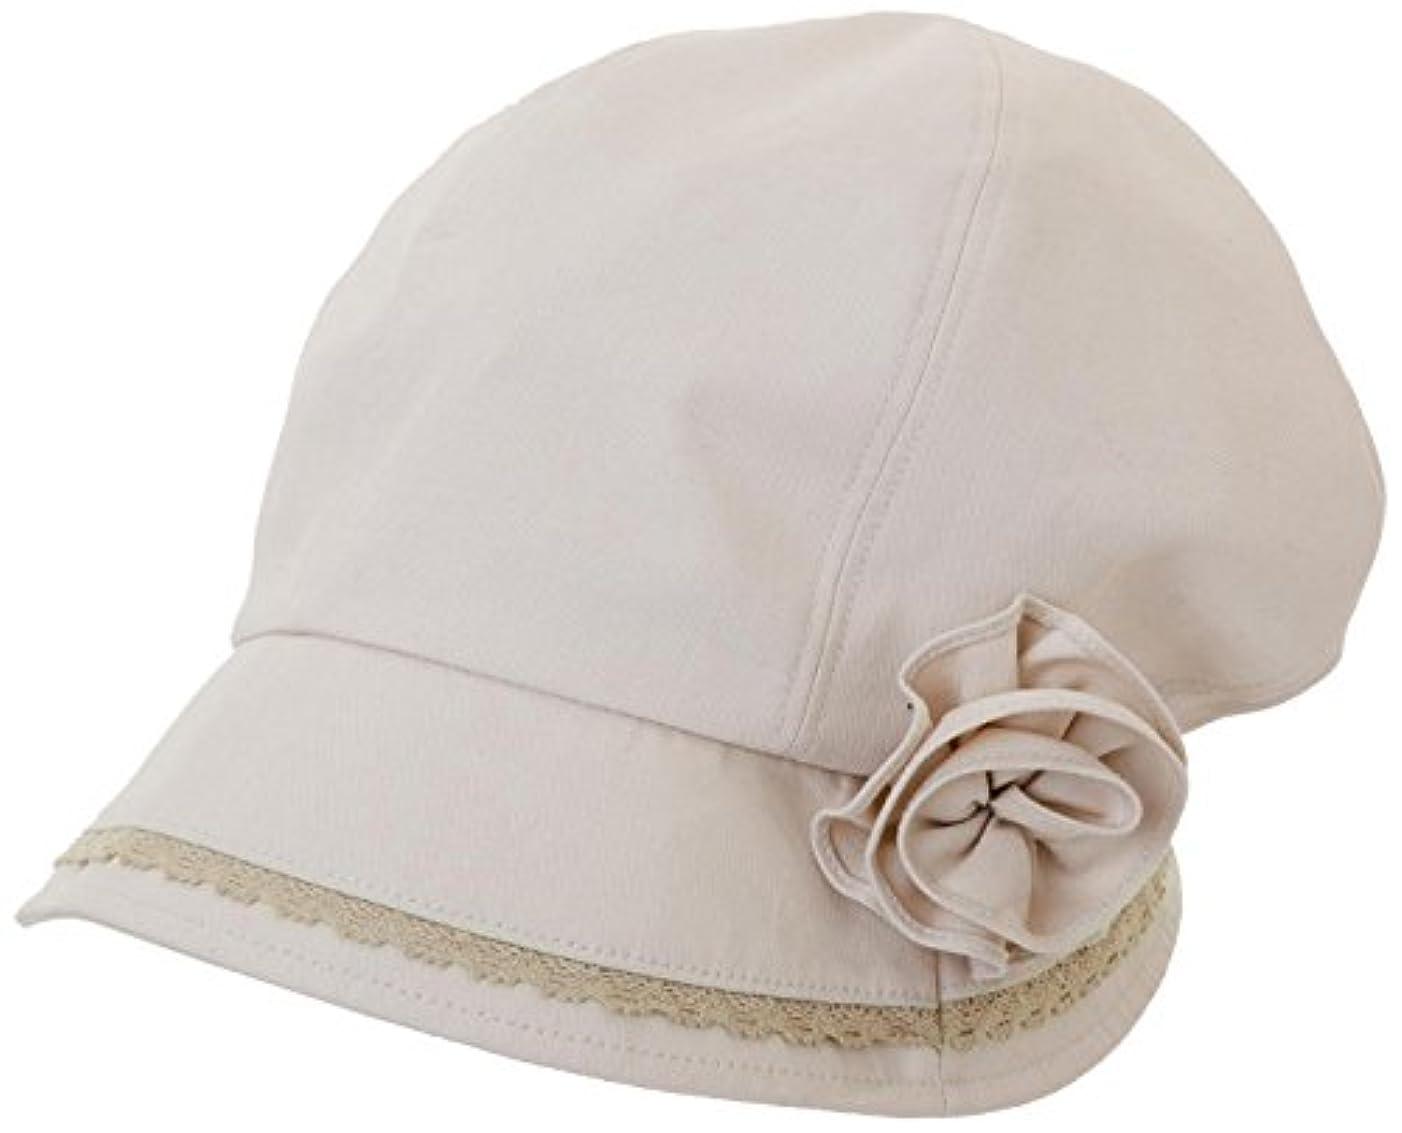 記念碑的なアストロラーベ警告するUVふんわり小顔帽子 ベージュ